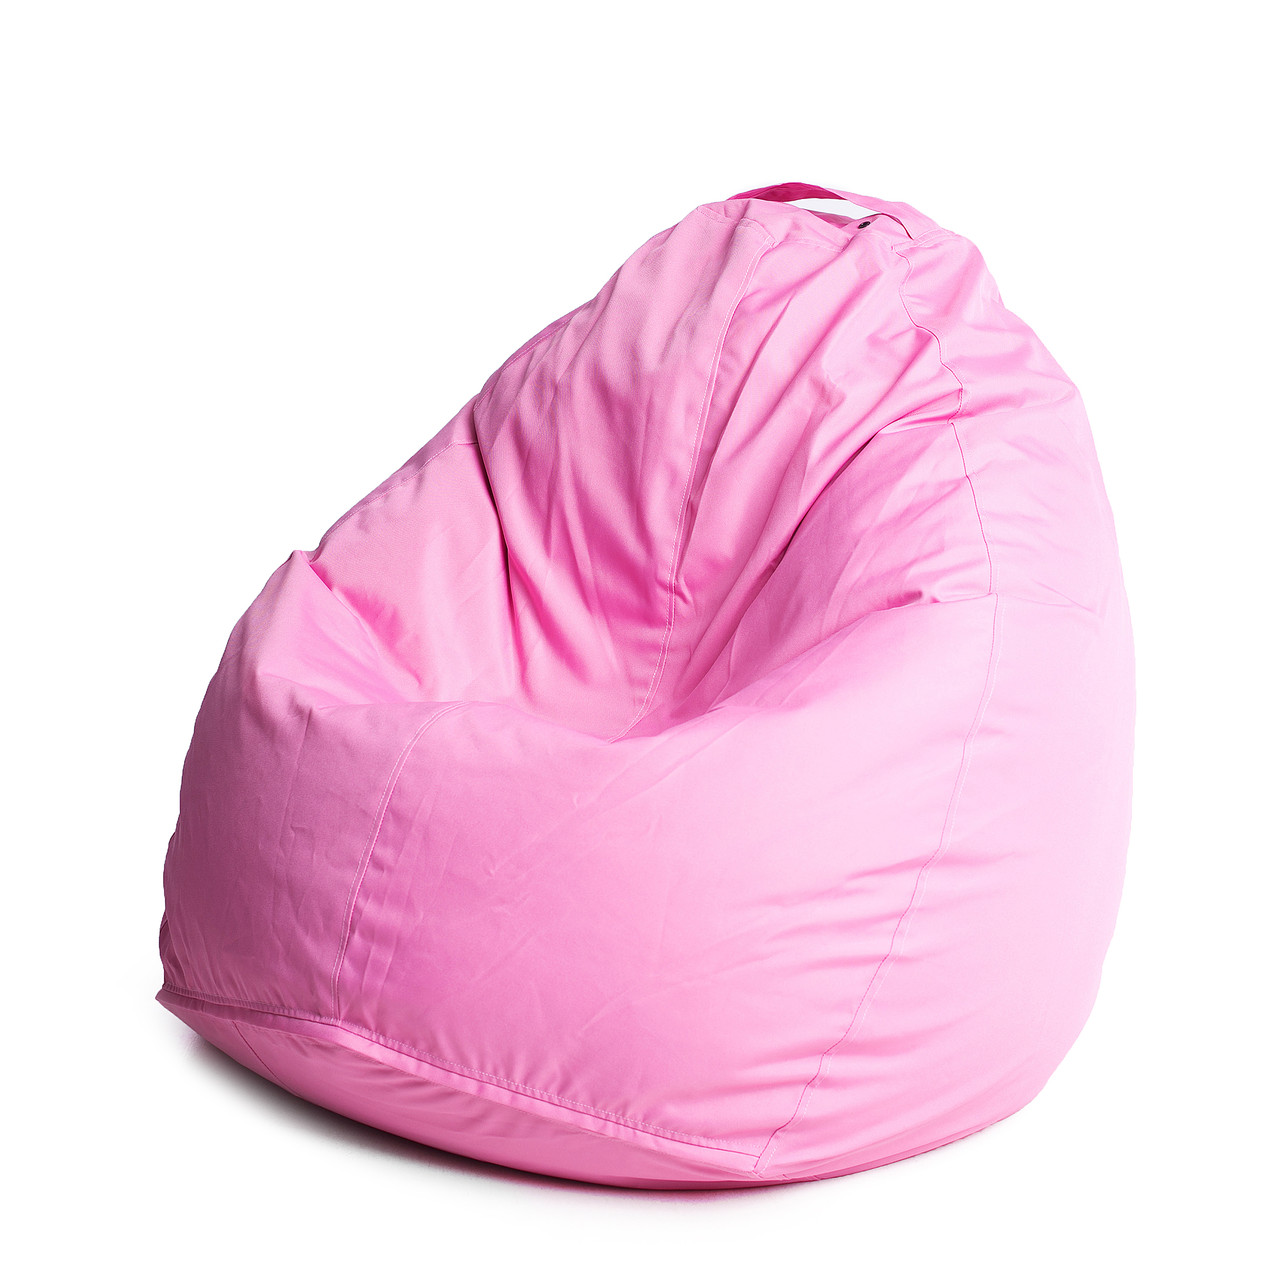 Кресло мешок груша с внутренним чехлом   Ткань Oxford XL (Высота 110 см, ширина 80 см), Розовый